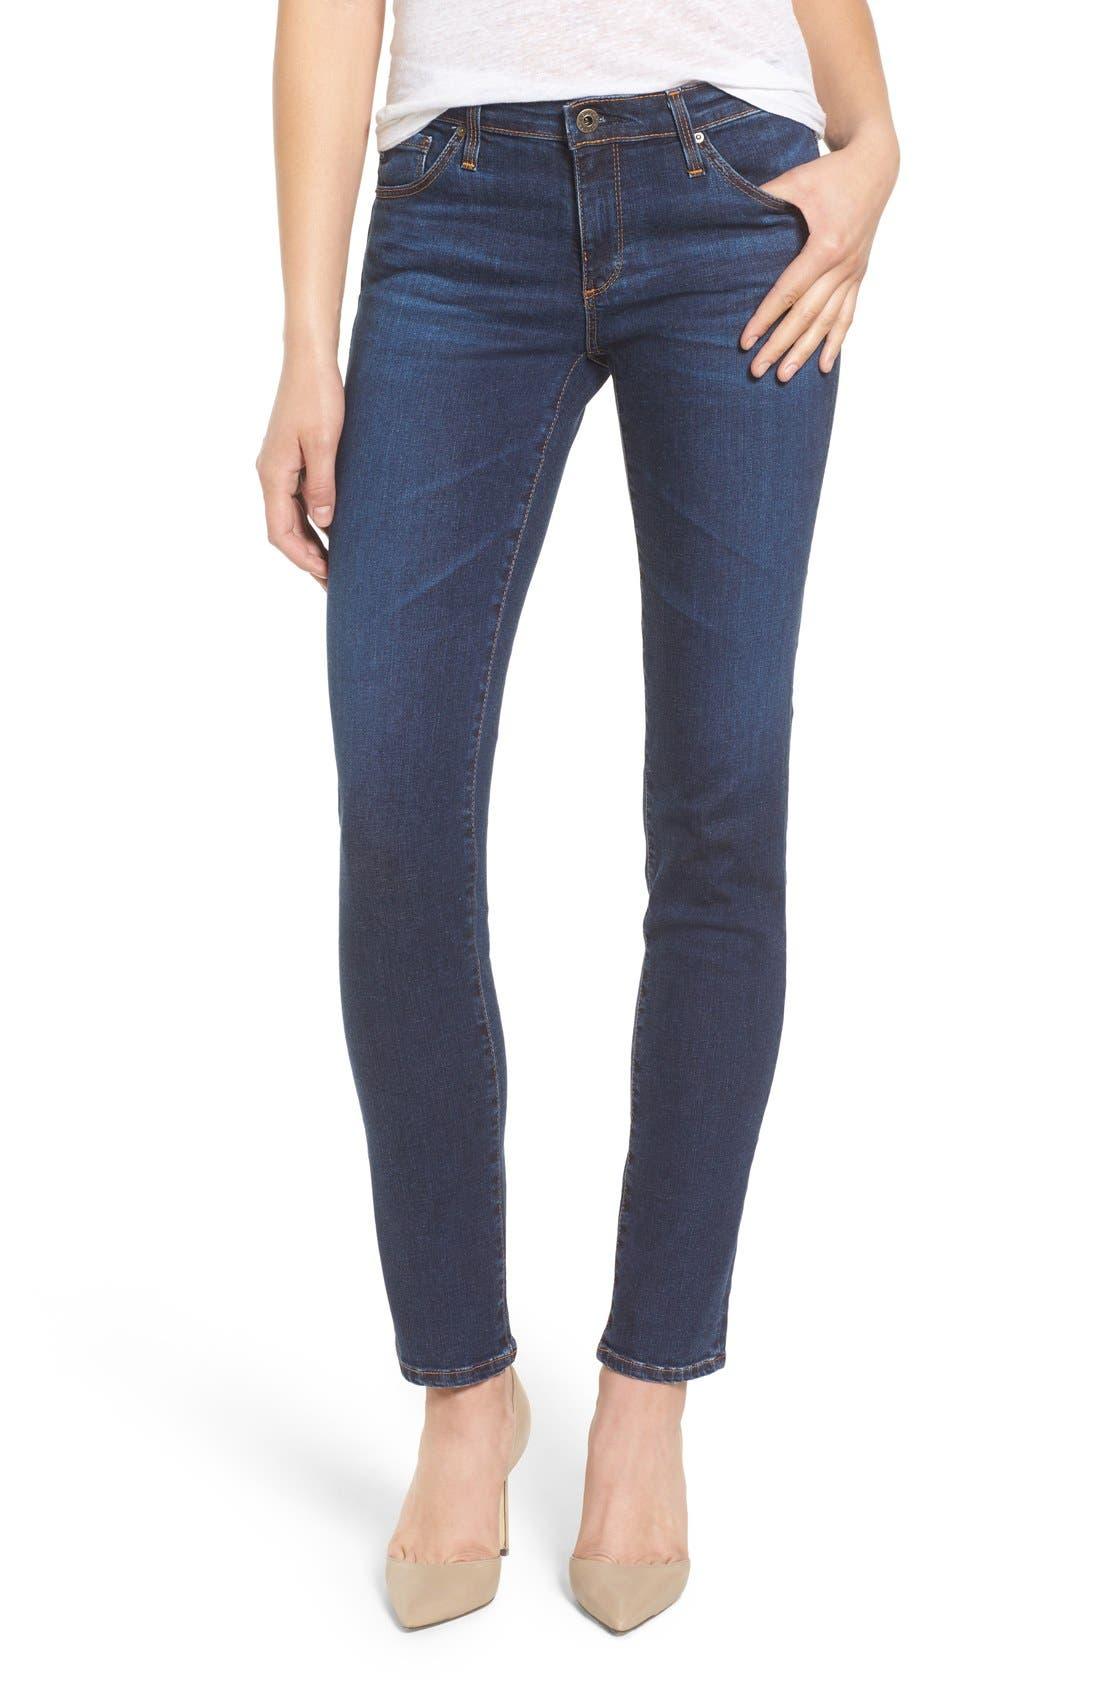 Main Image - AG 'The Stilt' Cigarette Leg Jeans (Workroom)